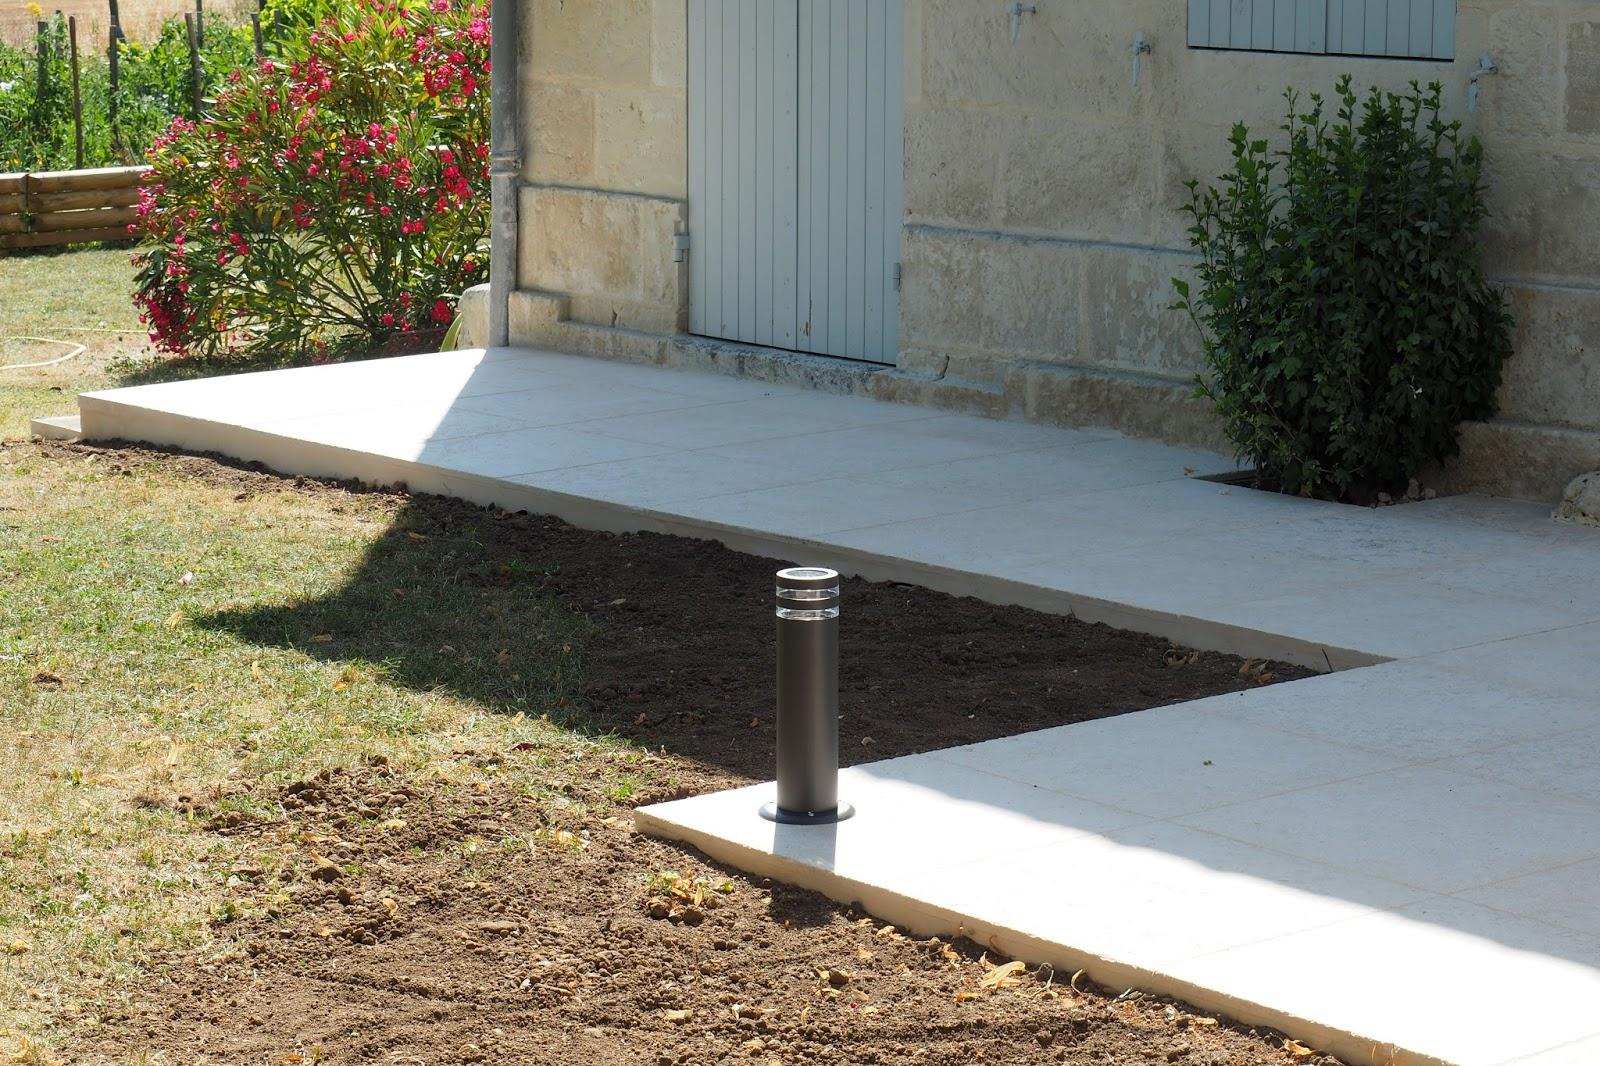 Entreprise de ma onnerie trottoirs et terrasse en pierre - Traitement hydrofuge bois ...